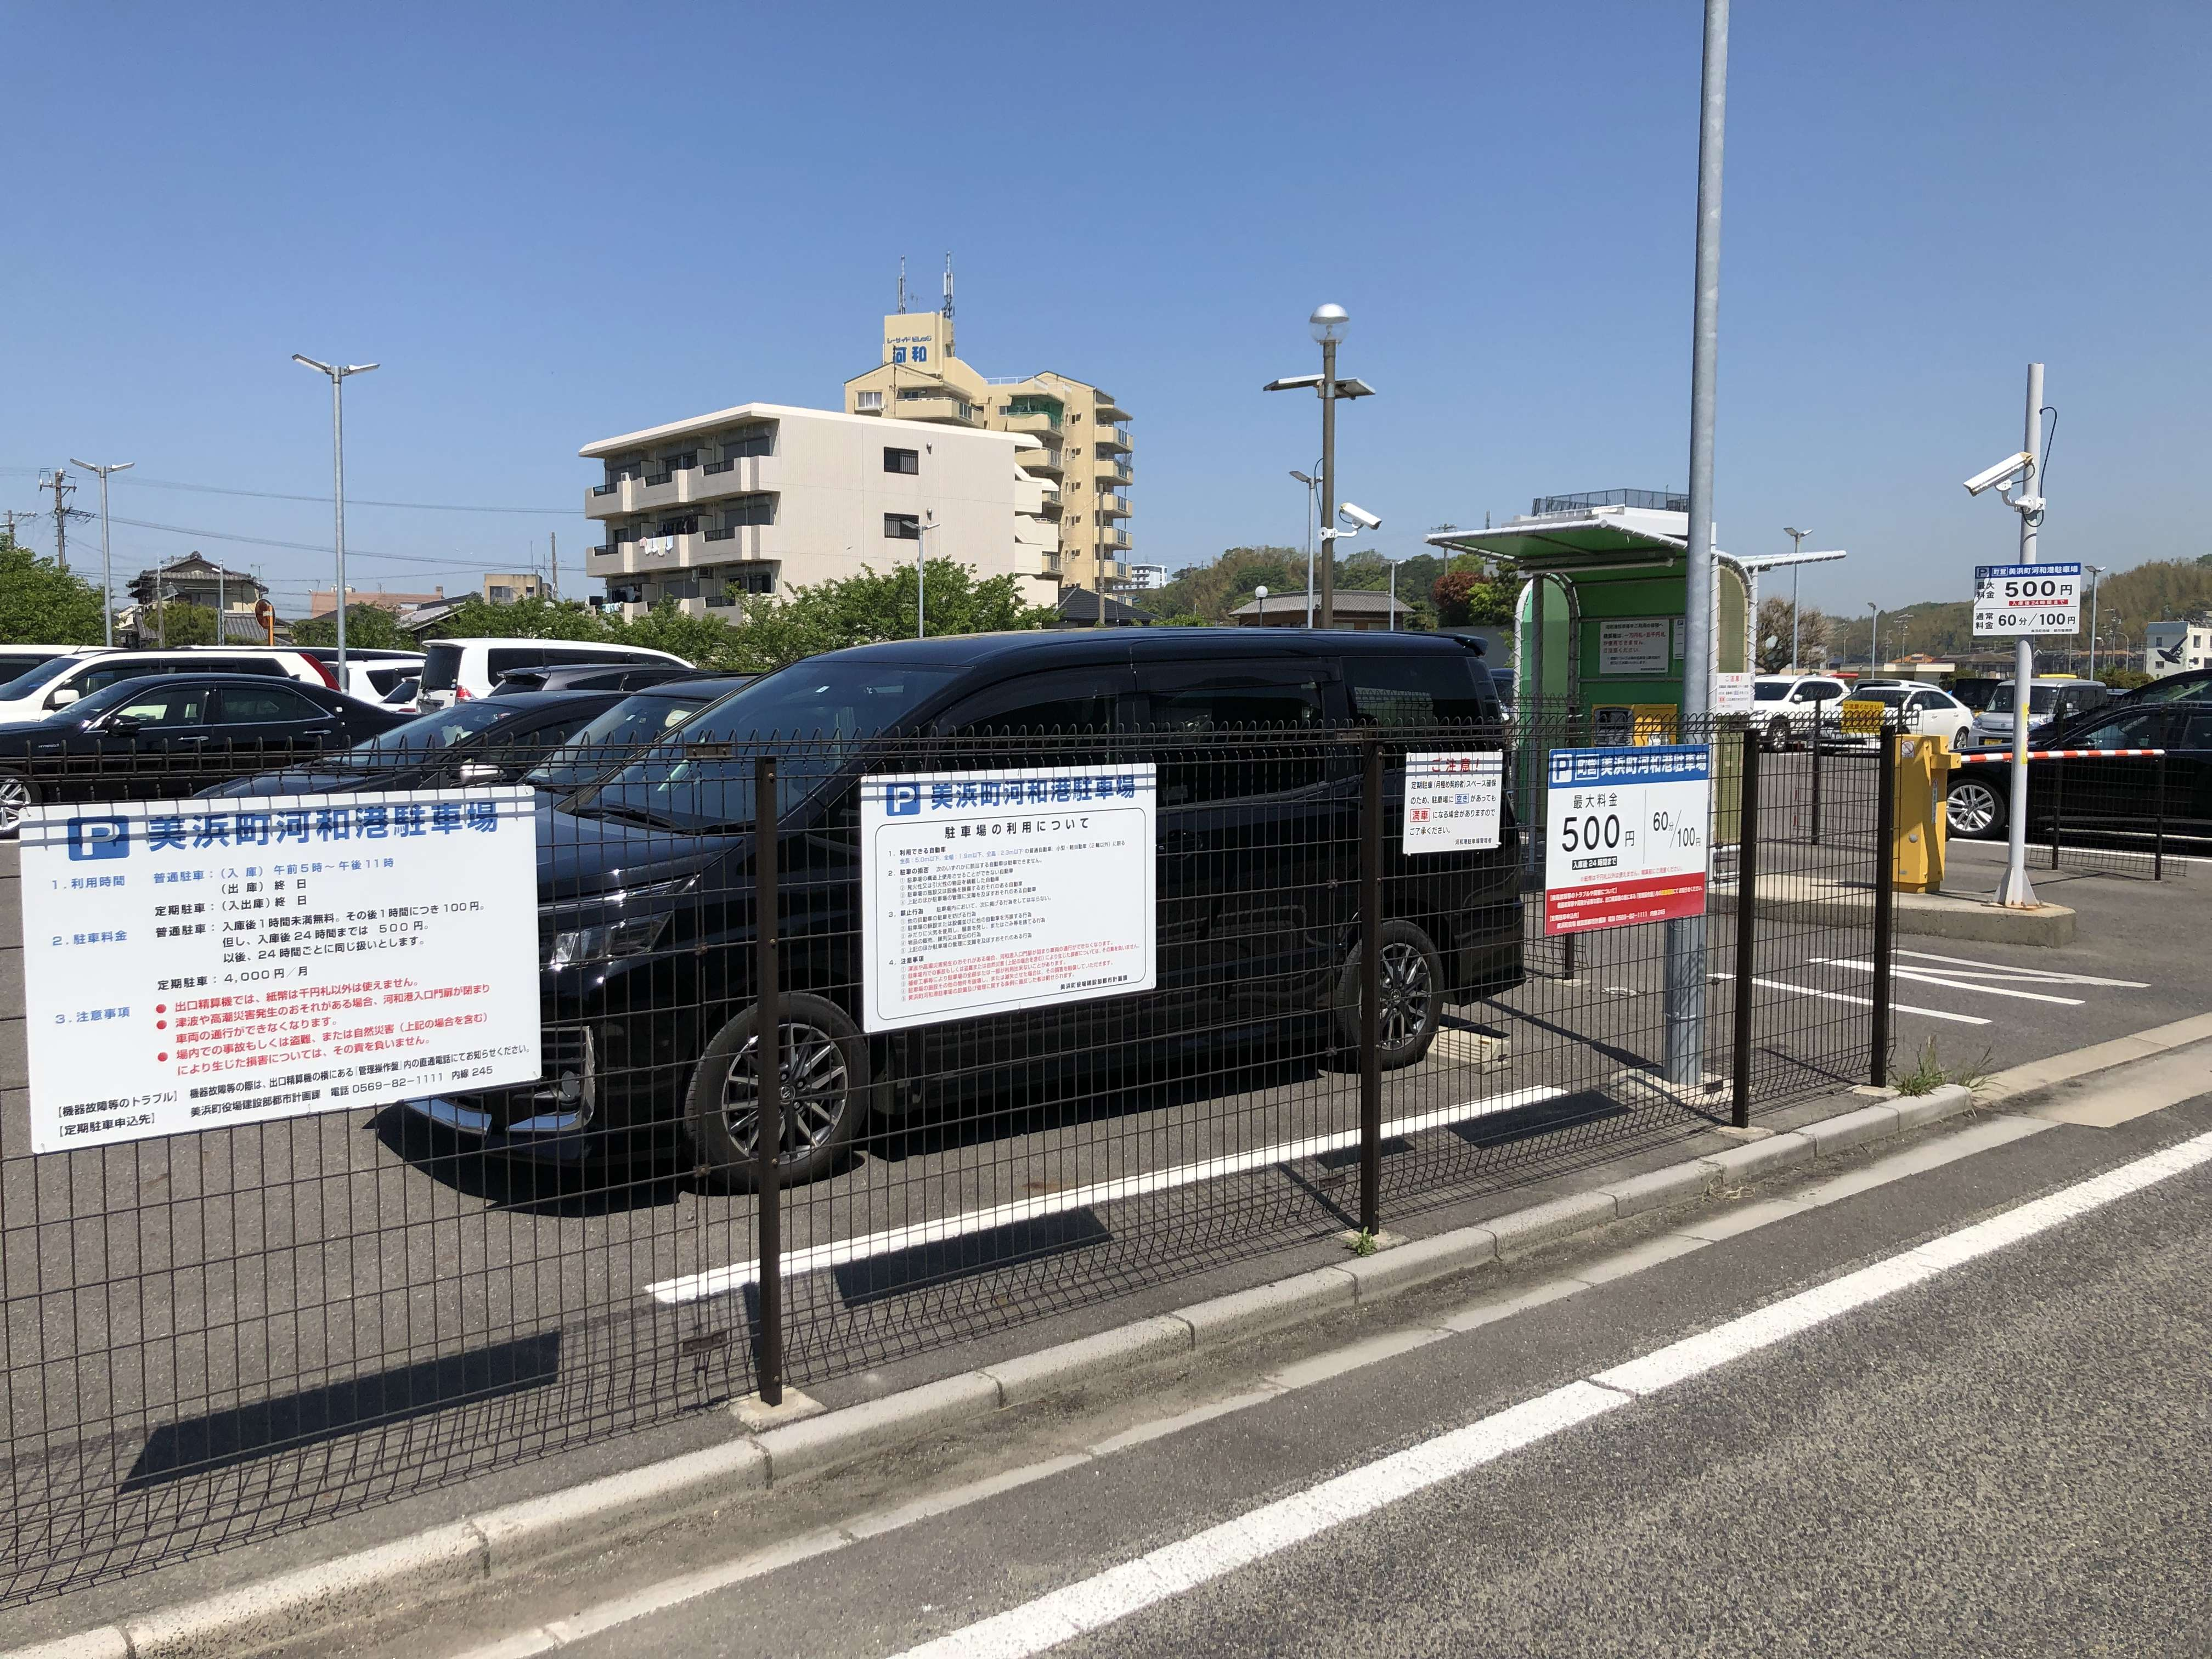 日間賀島 河和港 駐車場